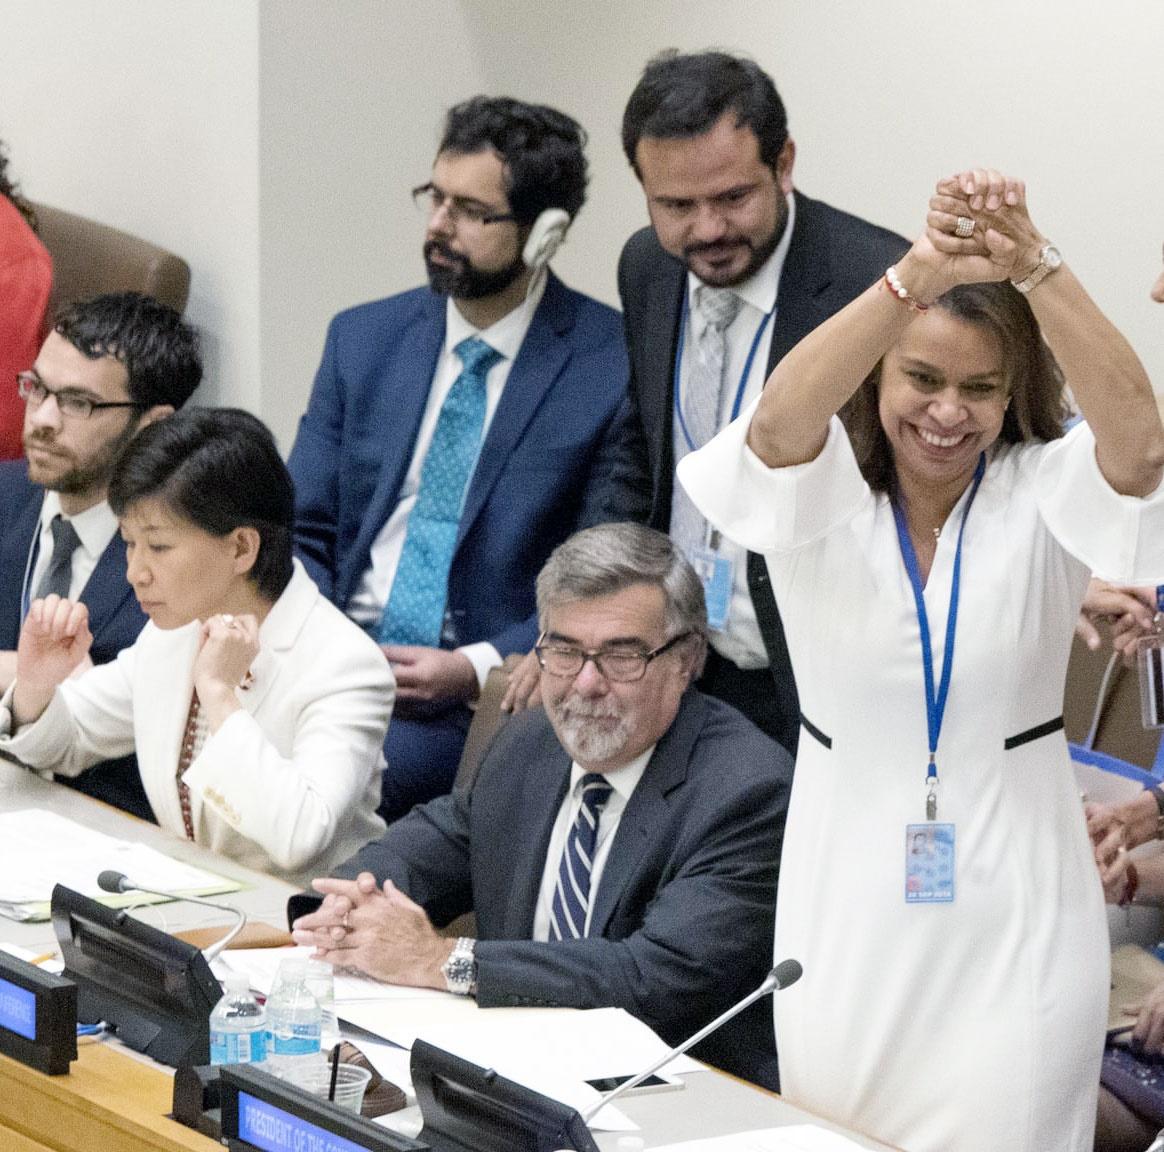 معاهده جدید ممنوعیت سلاح هستهای به تصویب رسید